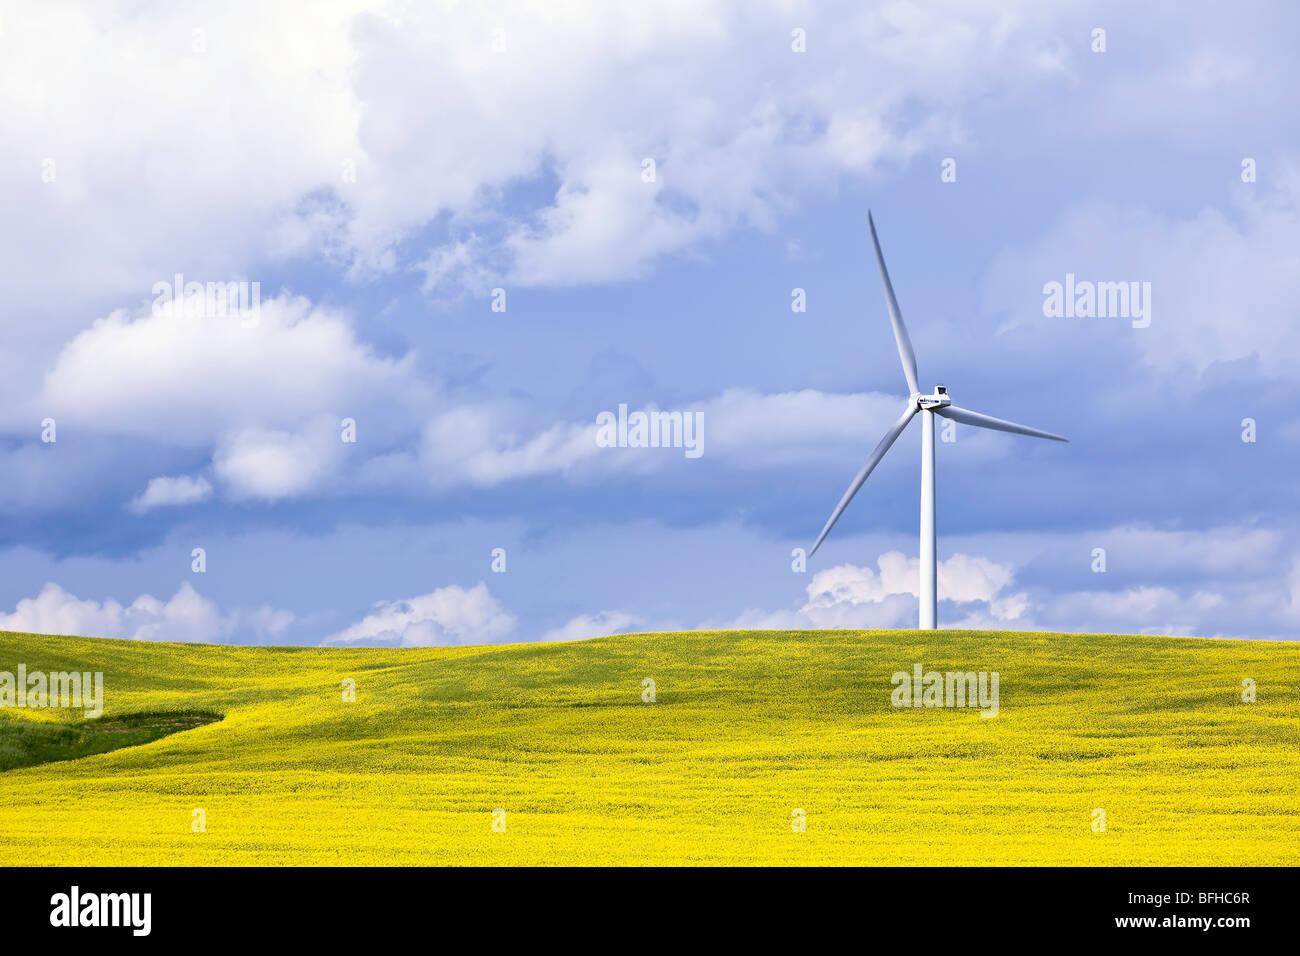 La turbina eólica y campo de Canola, en un día tempestuoso. San León, Manitoba, Canadá. Imagen De Stock